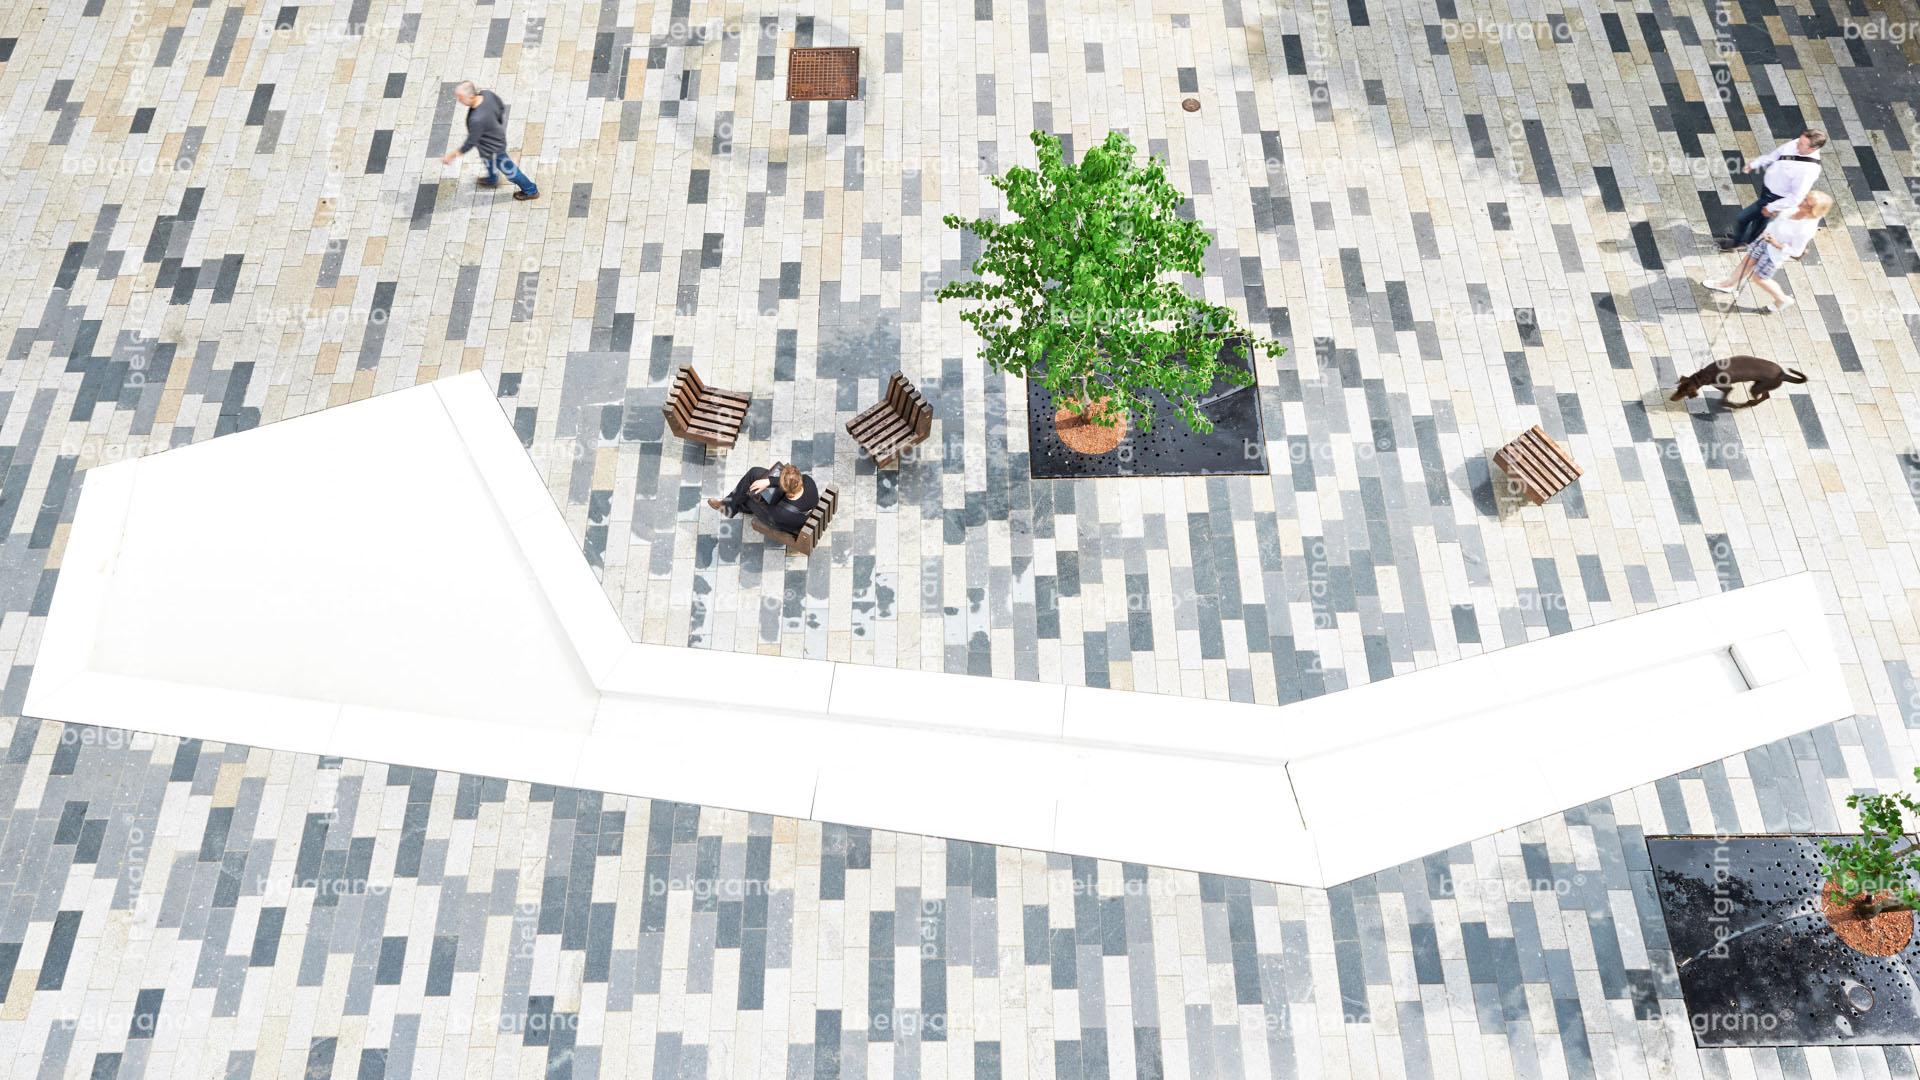 Fussgängerzone Böblingen Neue Meile - mehrfarbige belgrano® Naturstein Pflasterplatten aus Granit und Diorit